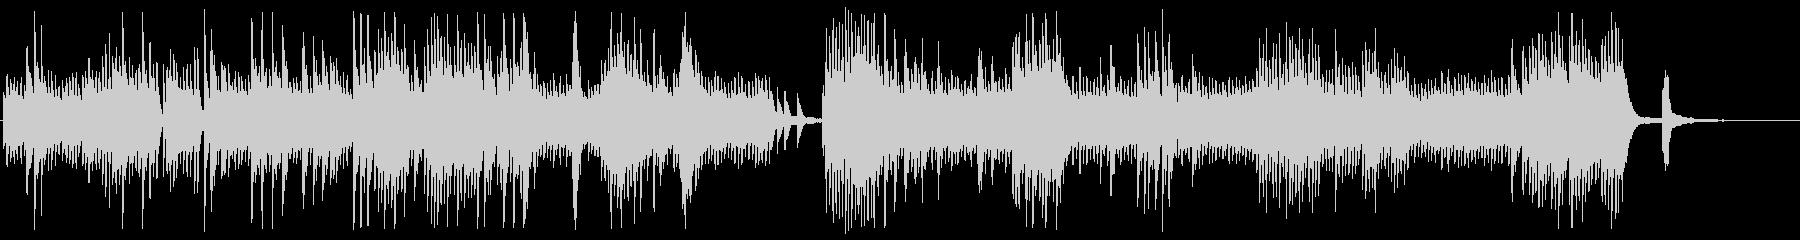 静かでミステリアスなピアノメロディーの未再生の波形